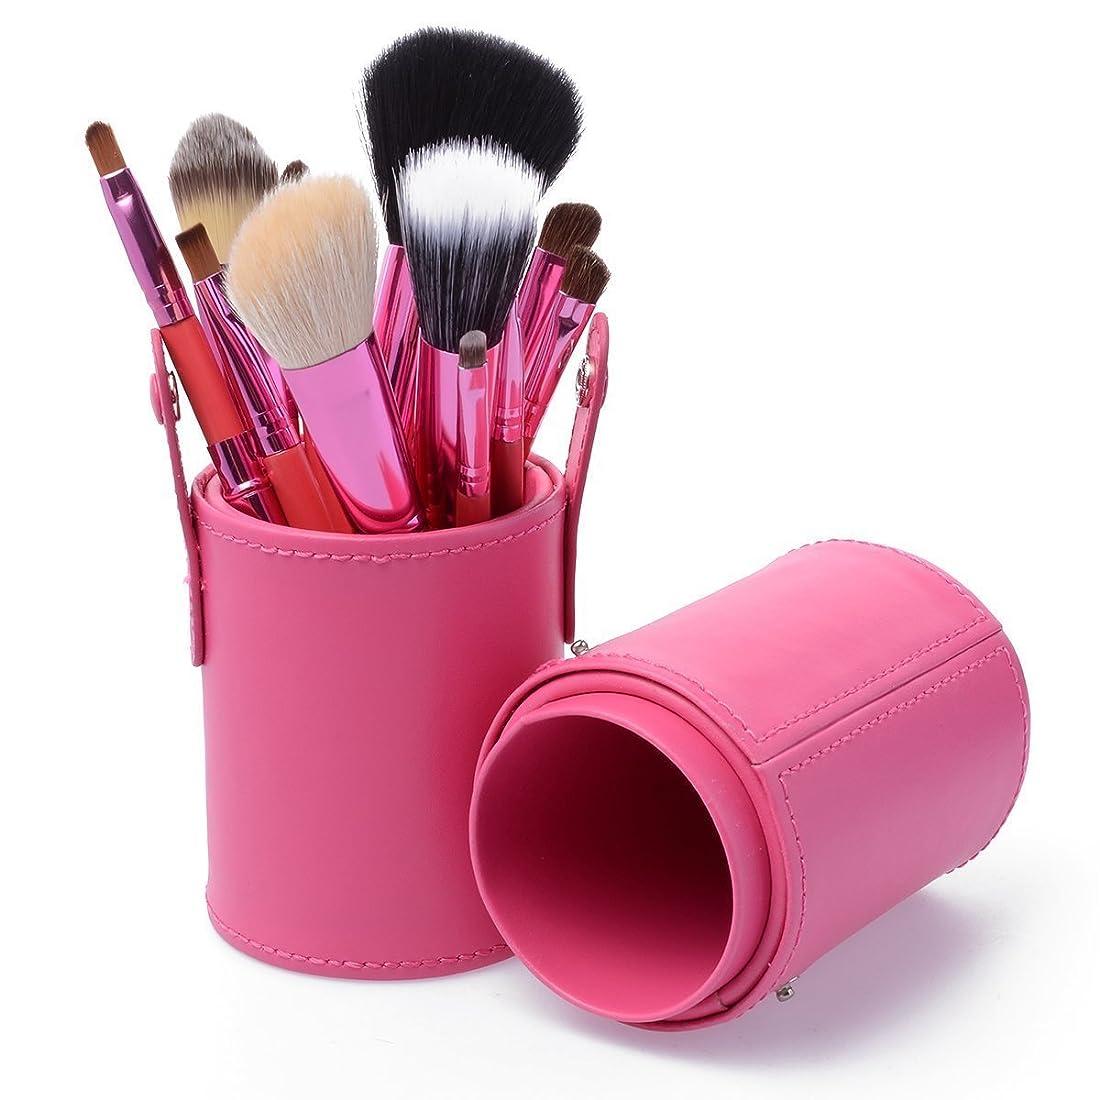 シャークサバント階層KanCai メイク ブラシ セット 12本 化粧ブラシ セット コスメ ブラシ 収納ケース付き (ピンク)